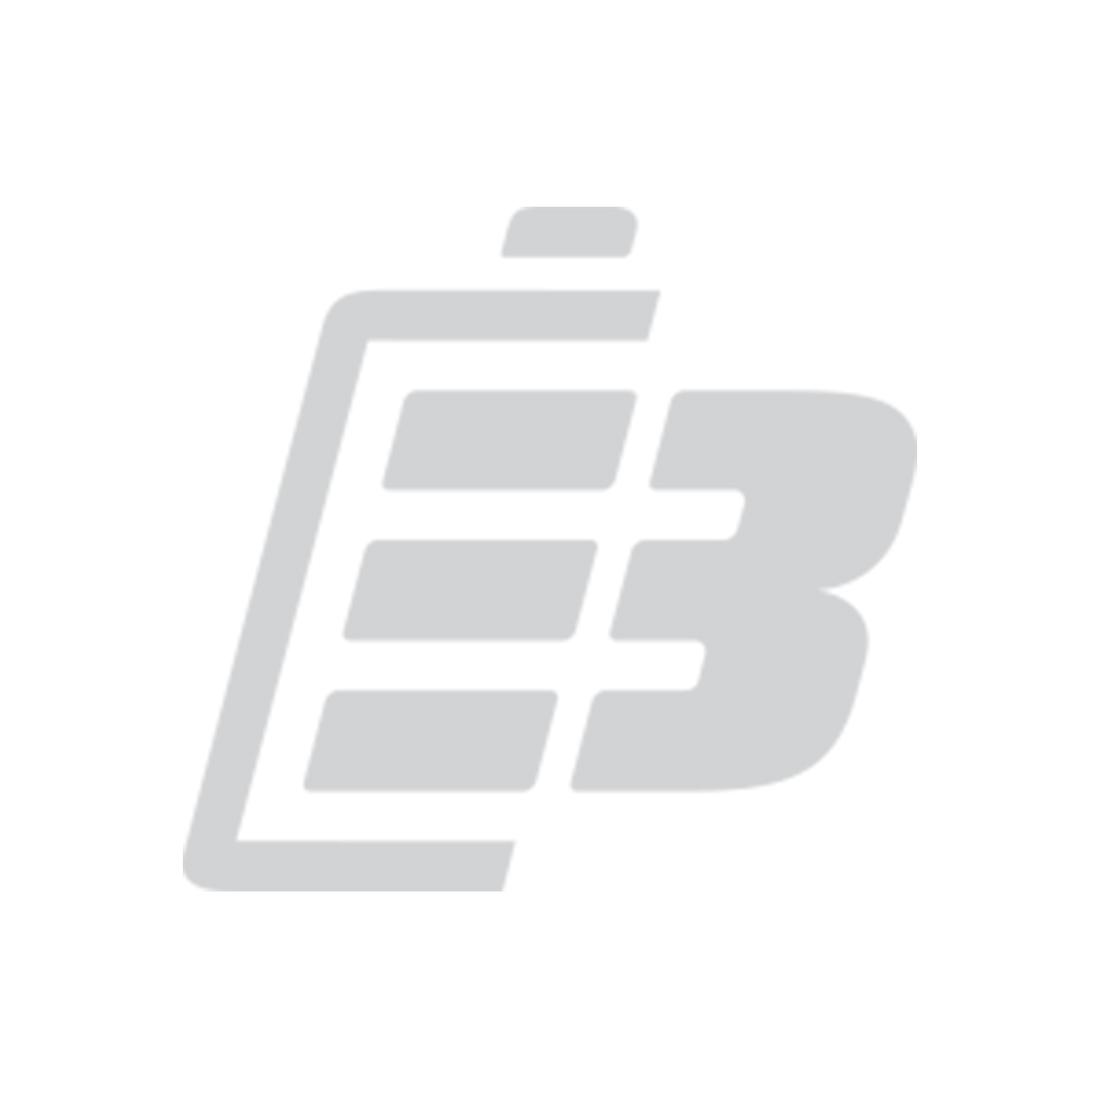 Μπαταρία ασύρματου τηλεφώνου Ericsson DT230_1